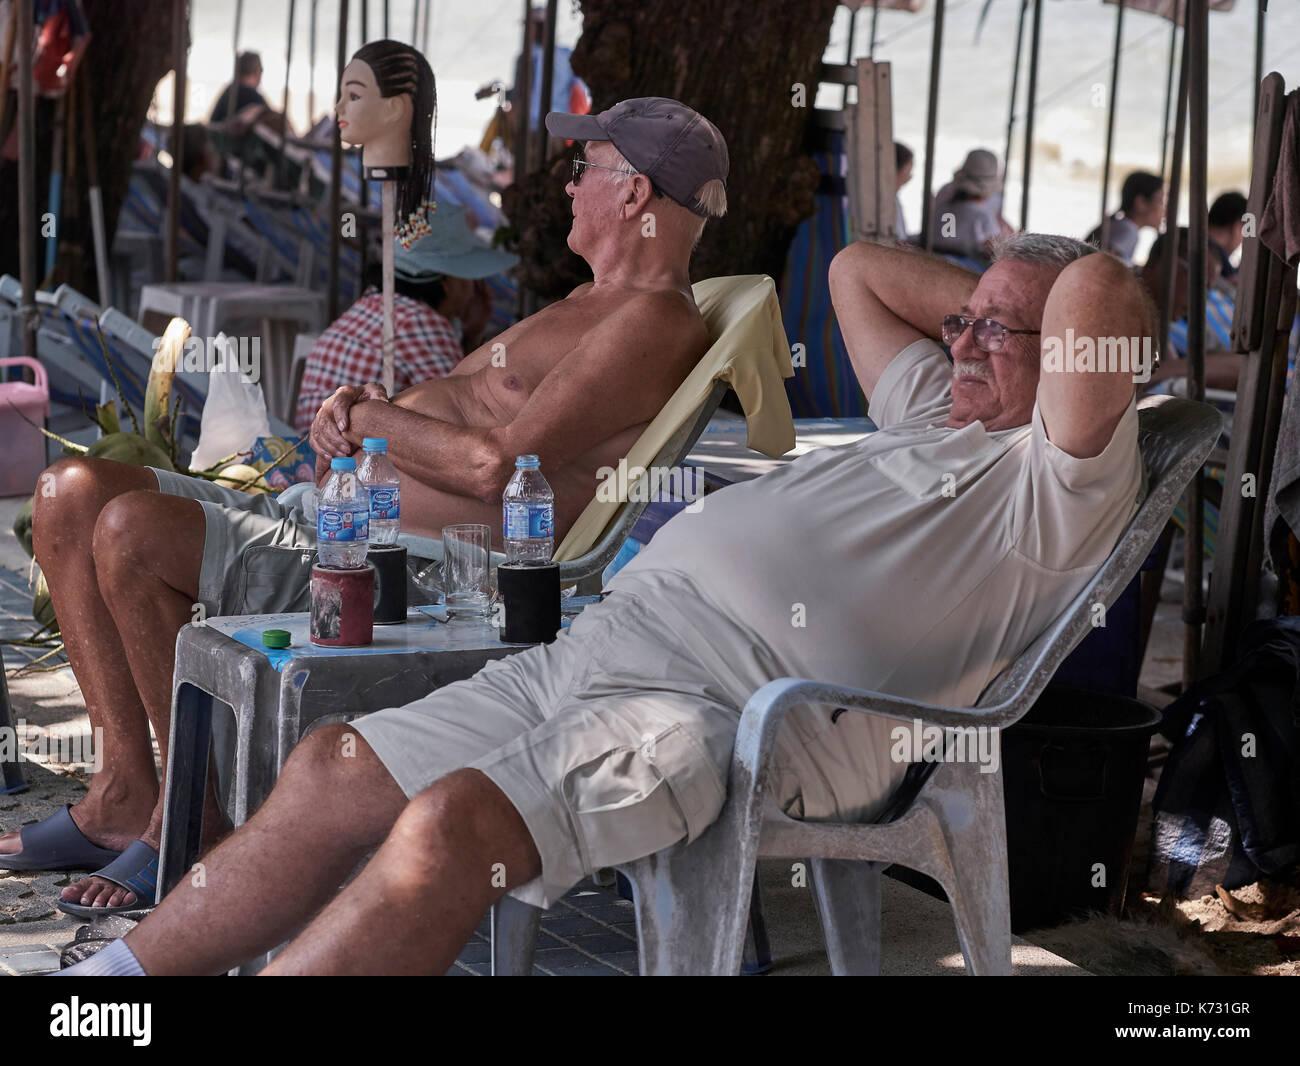 Portrait hommes relaxant à l'extérieur à l'ombre à Pattaya, Thaïlande Asie du sud-est. Ex-pat retraités. Photo Stock